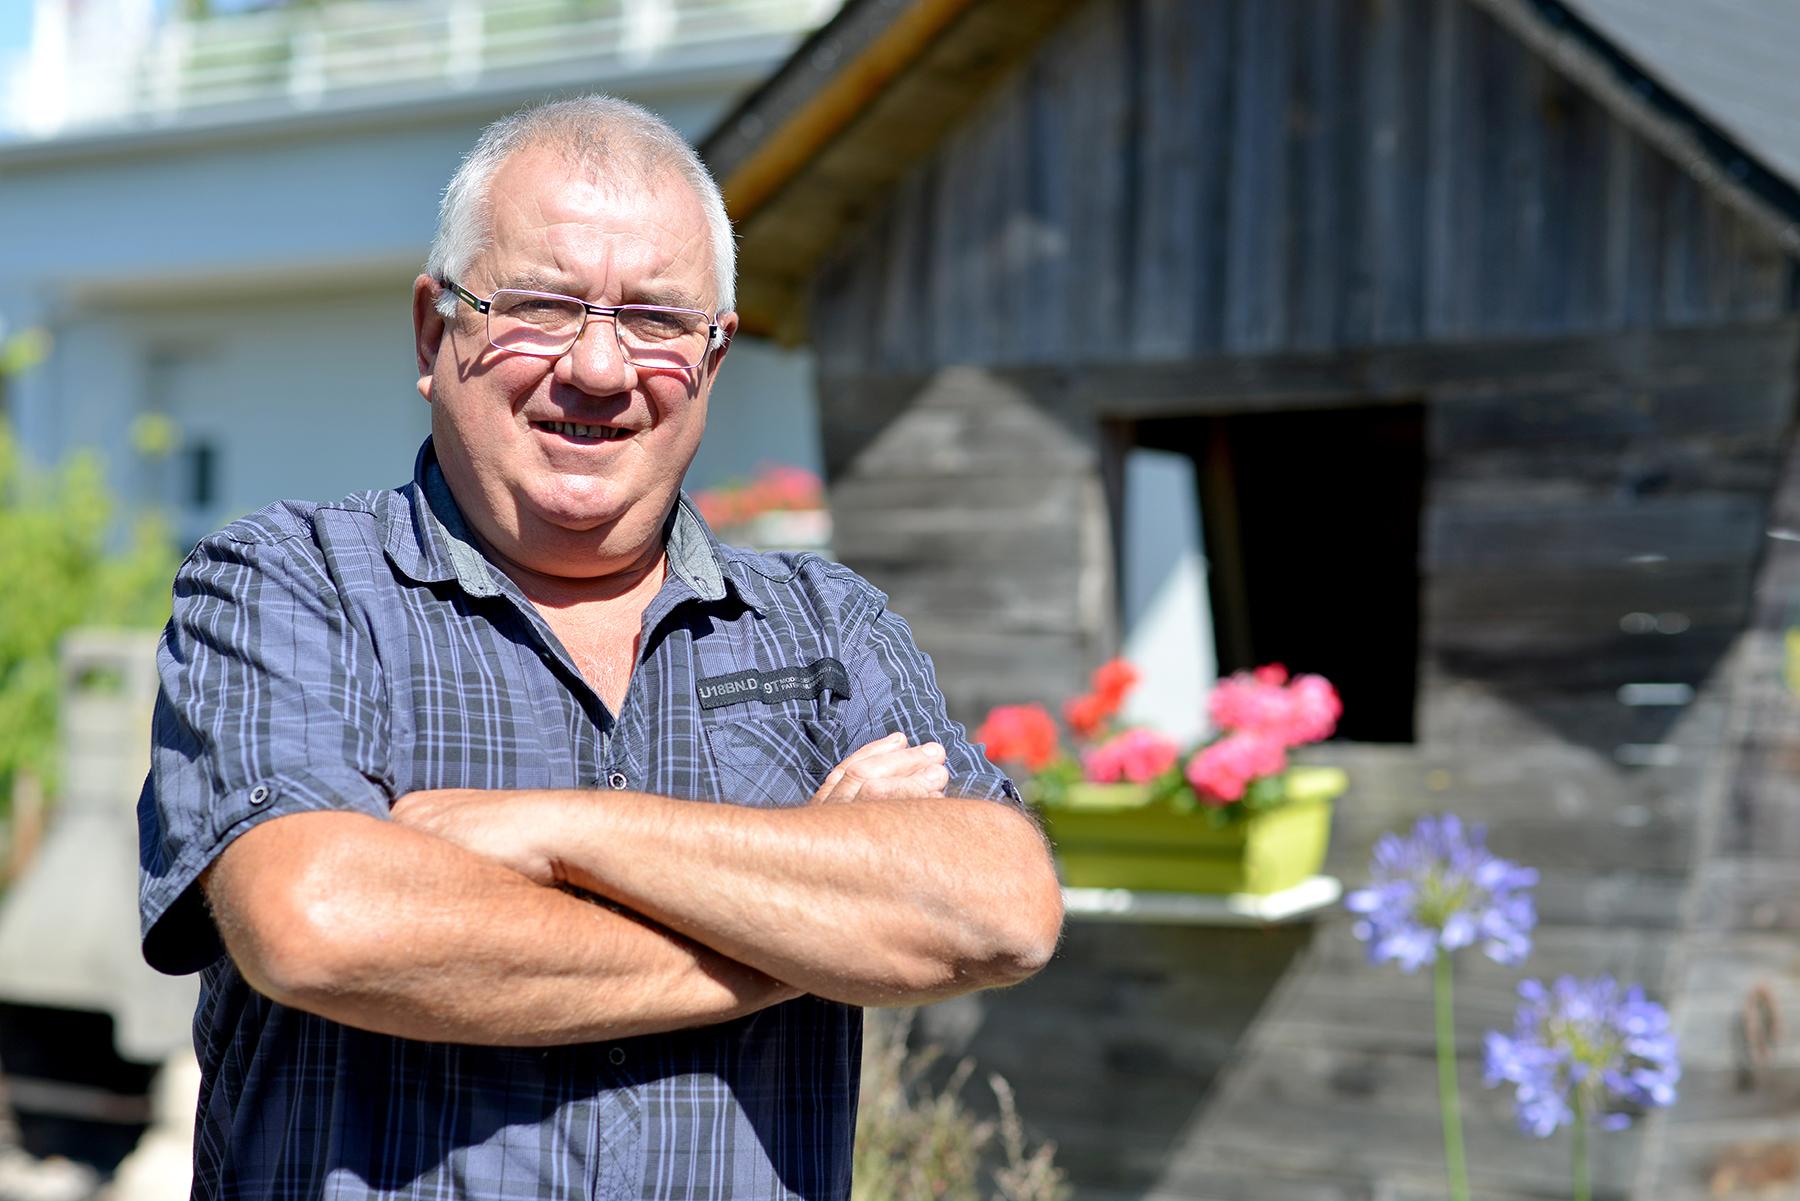 Joseph Bioret, 60 ans, habitant de L'Immaculée, retraité